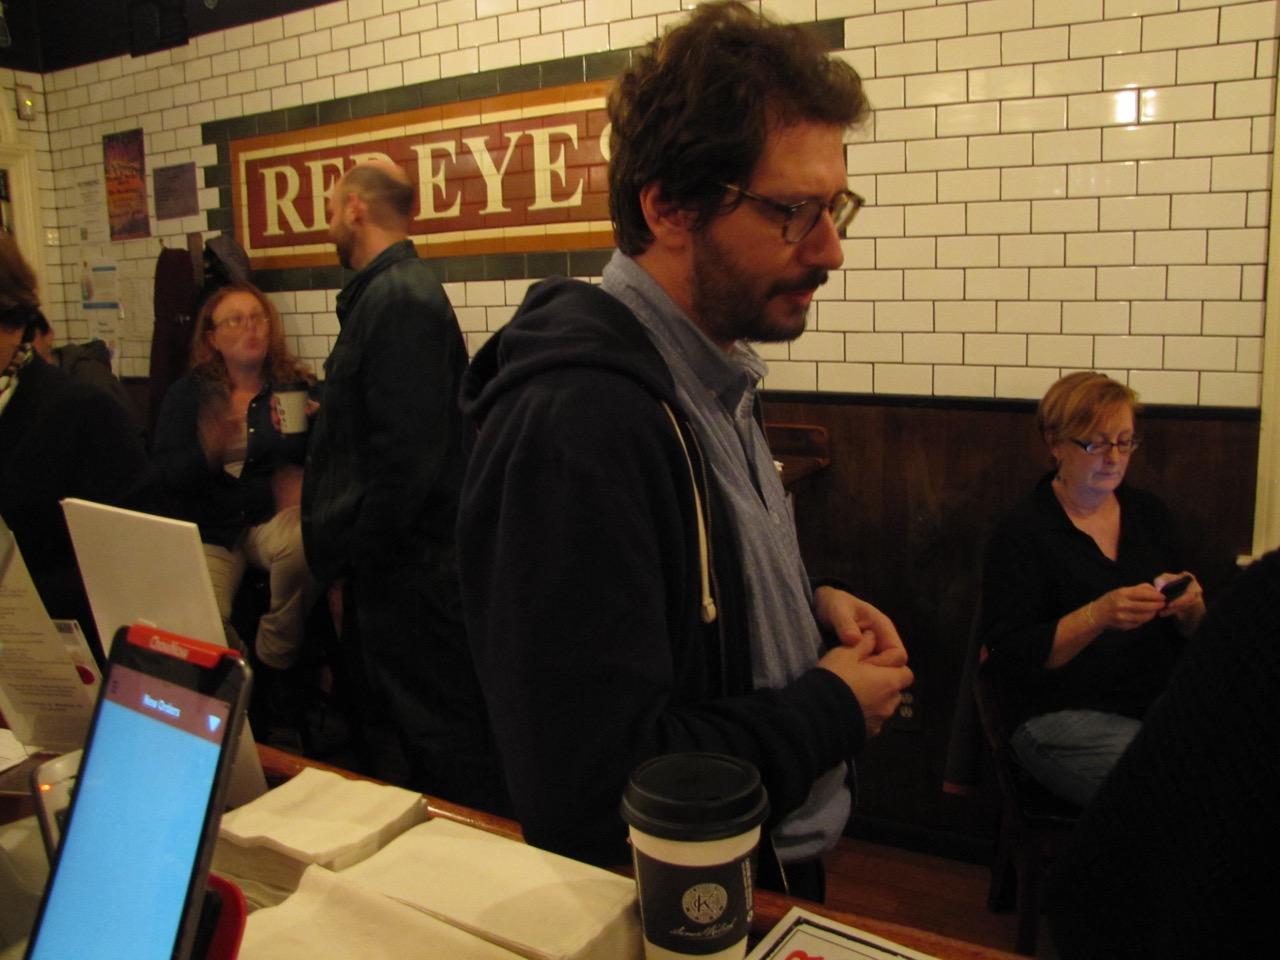 Boris Tsessarsky, March reader